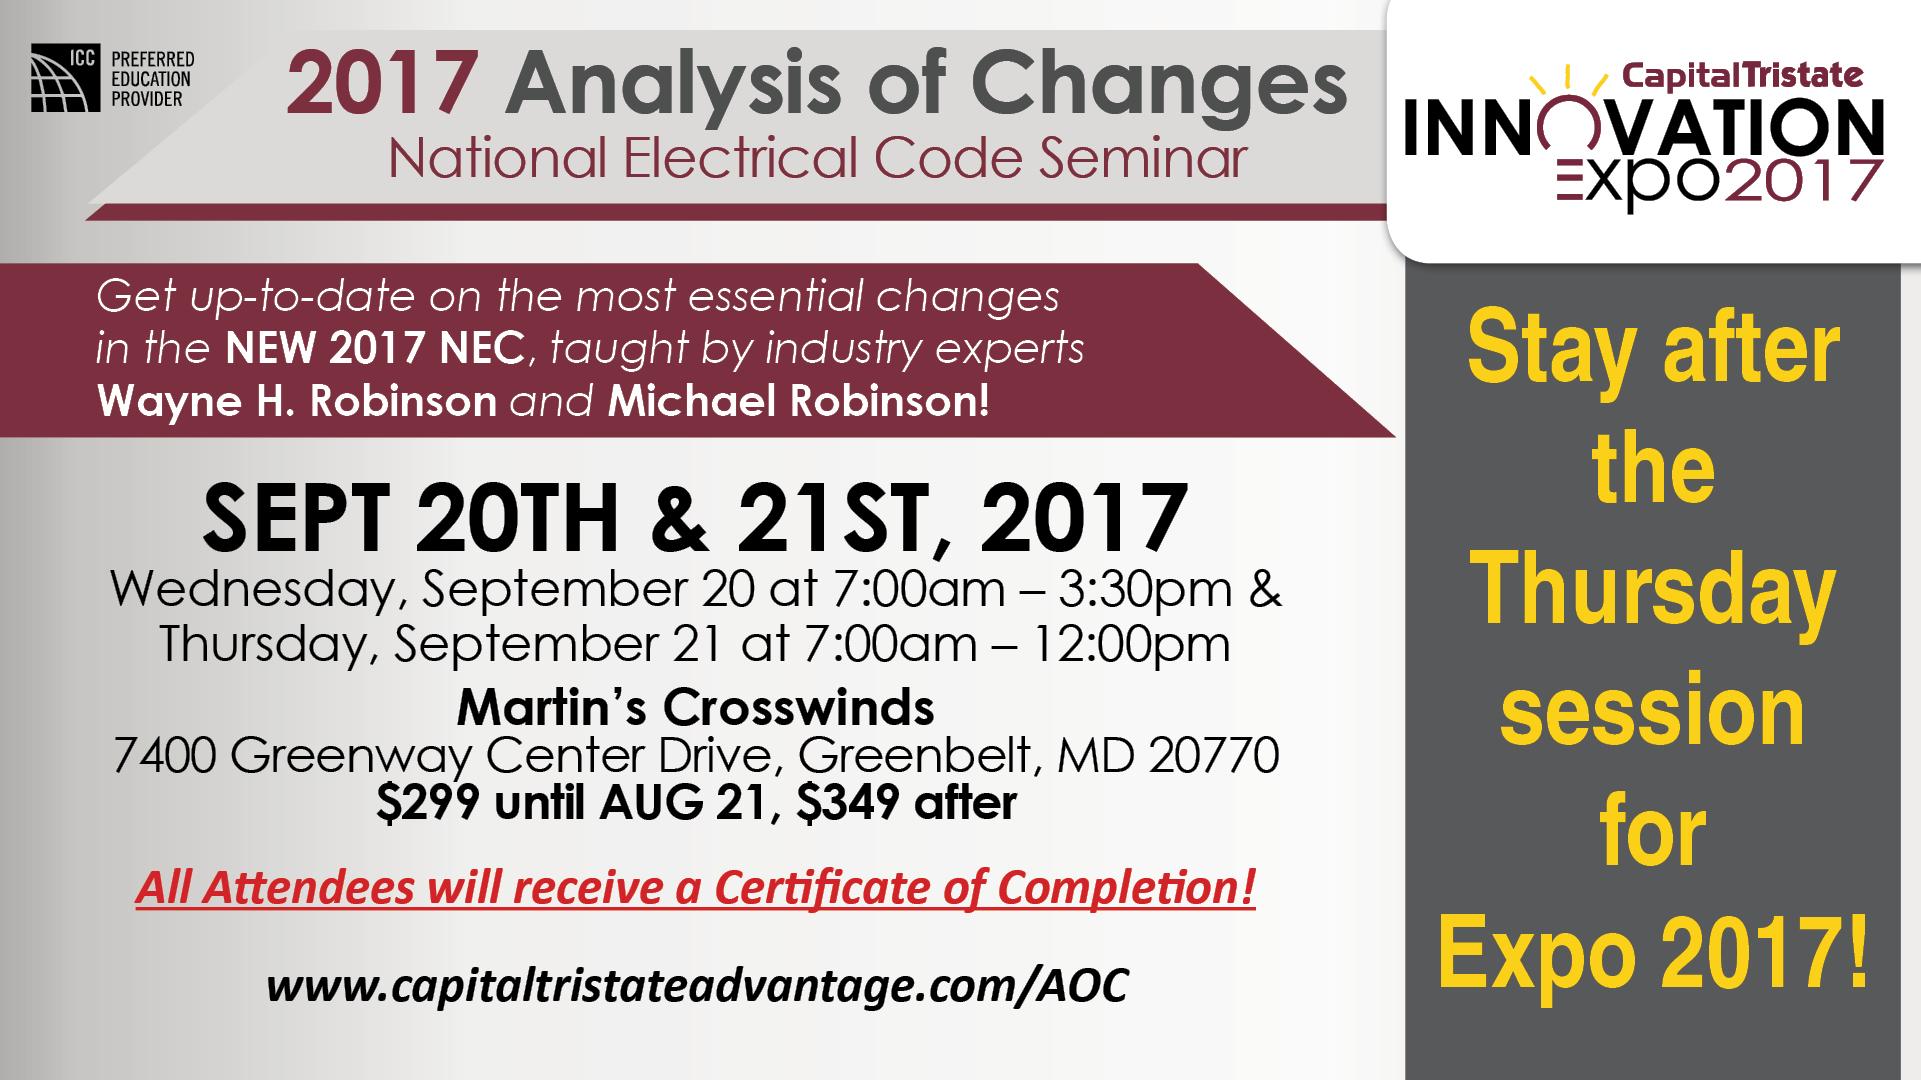 2017.09.20_Event_AnalysisofChanges&Expo_CTV (2)